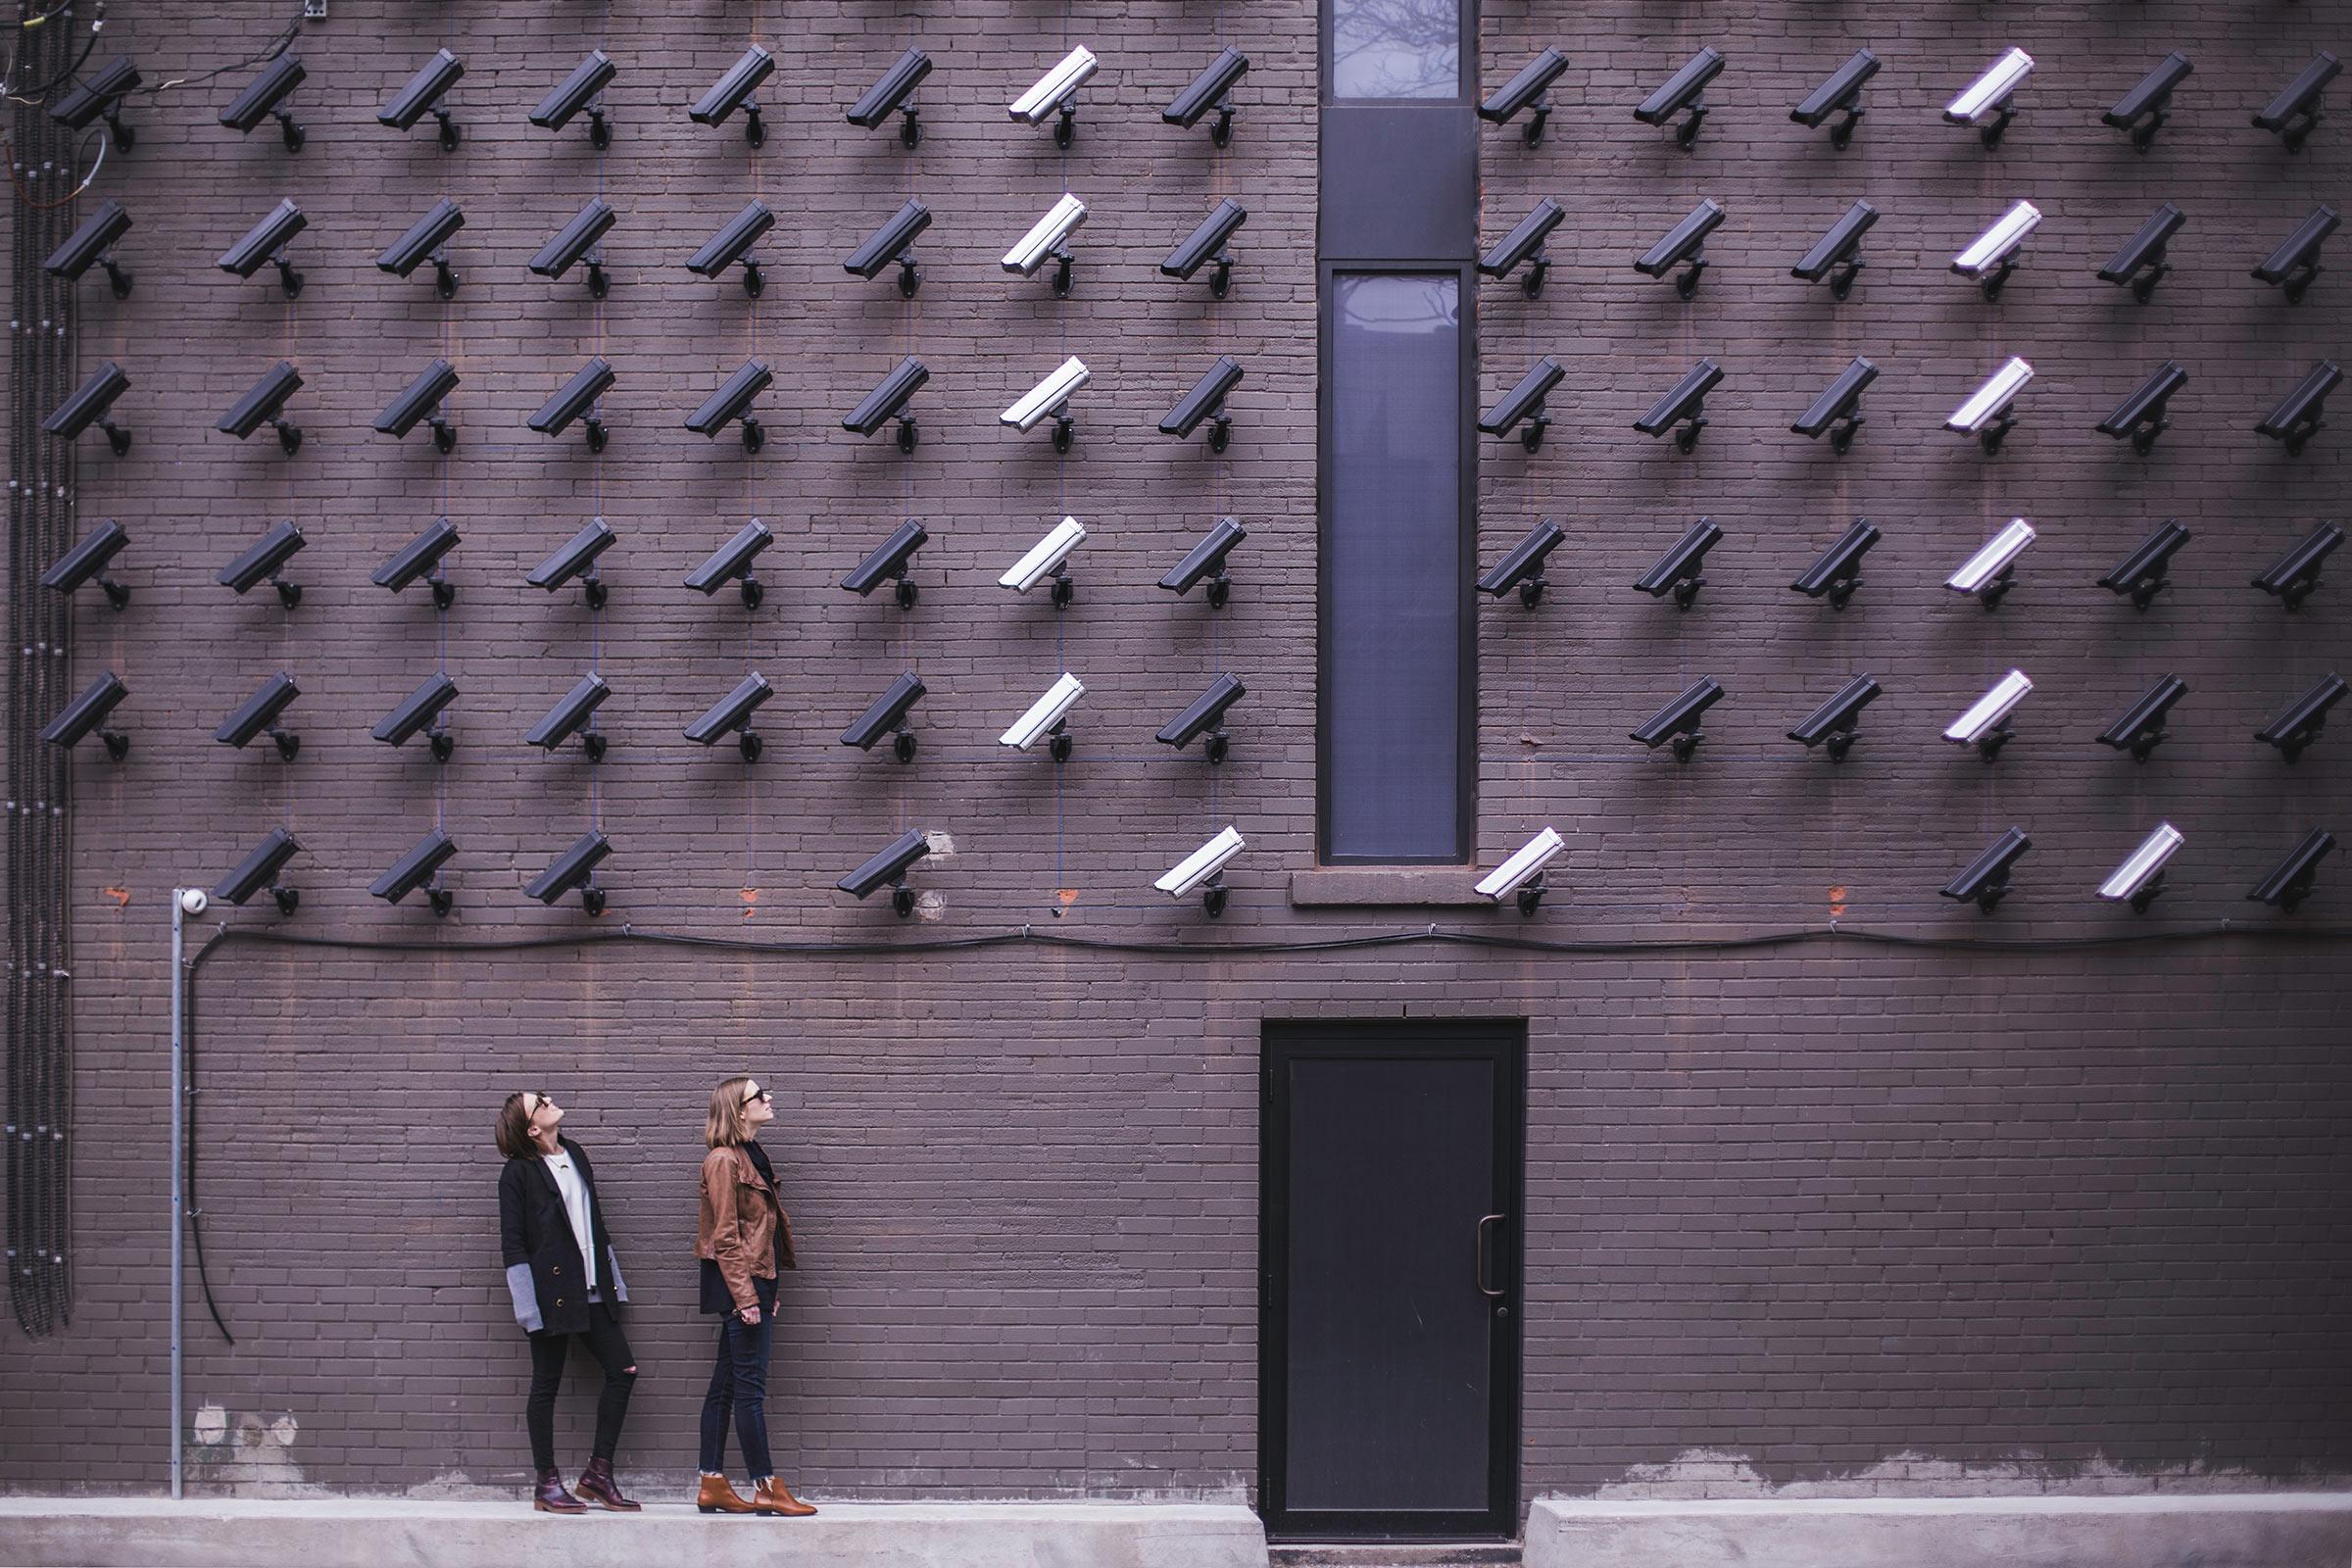 women on CCTV